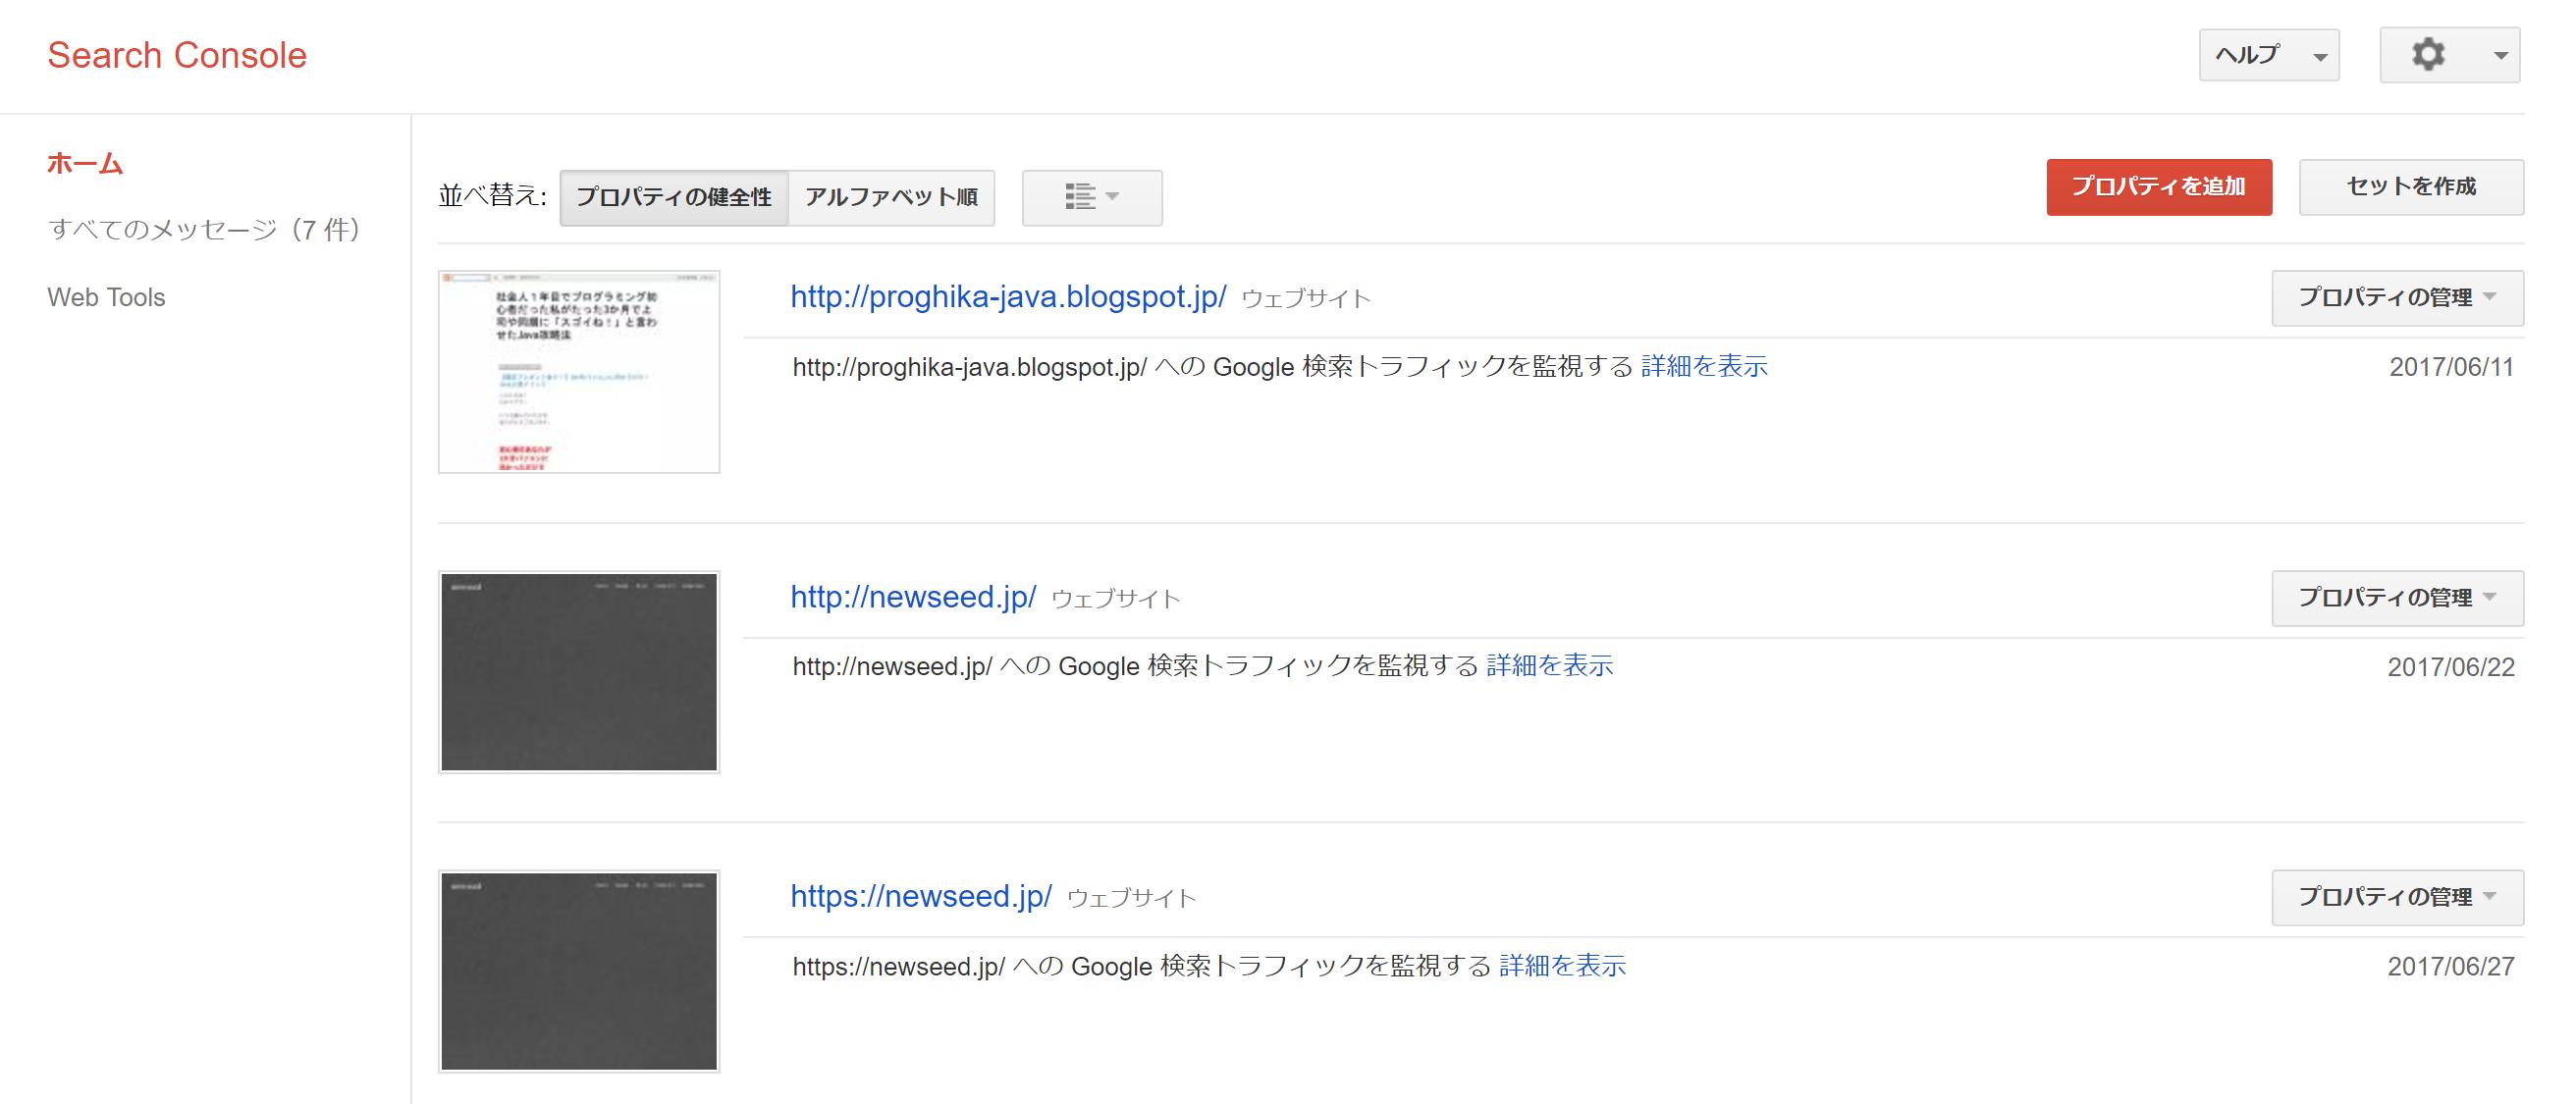 Search Console - WordPressで必ず必要になるサイトマップの作成方法とは?